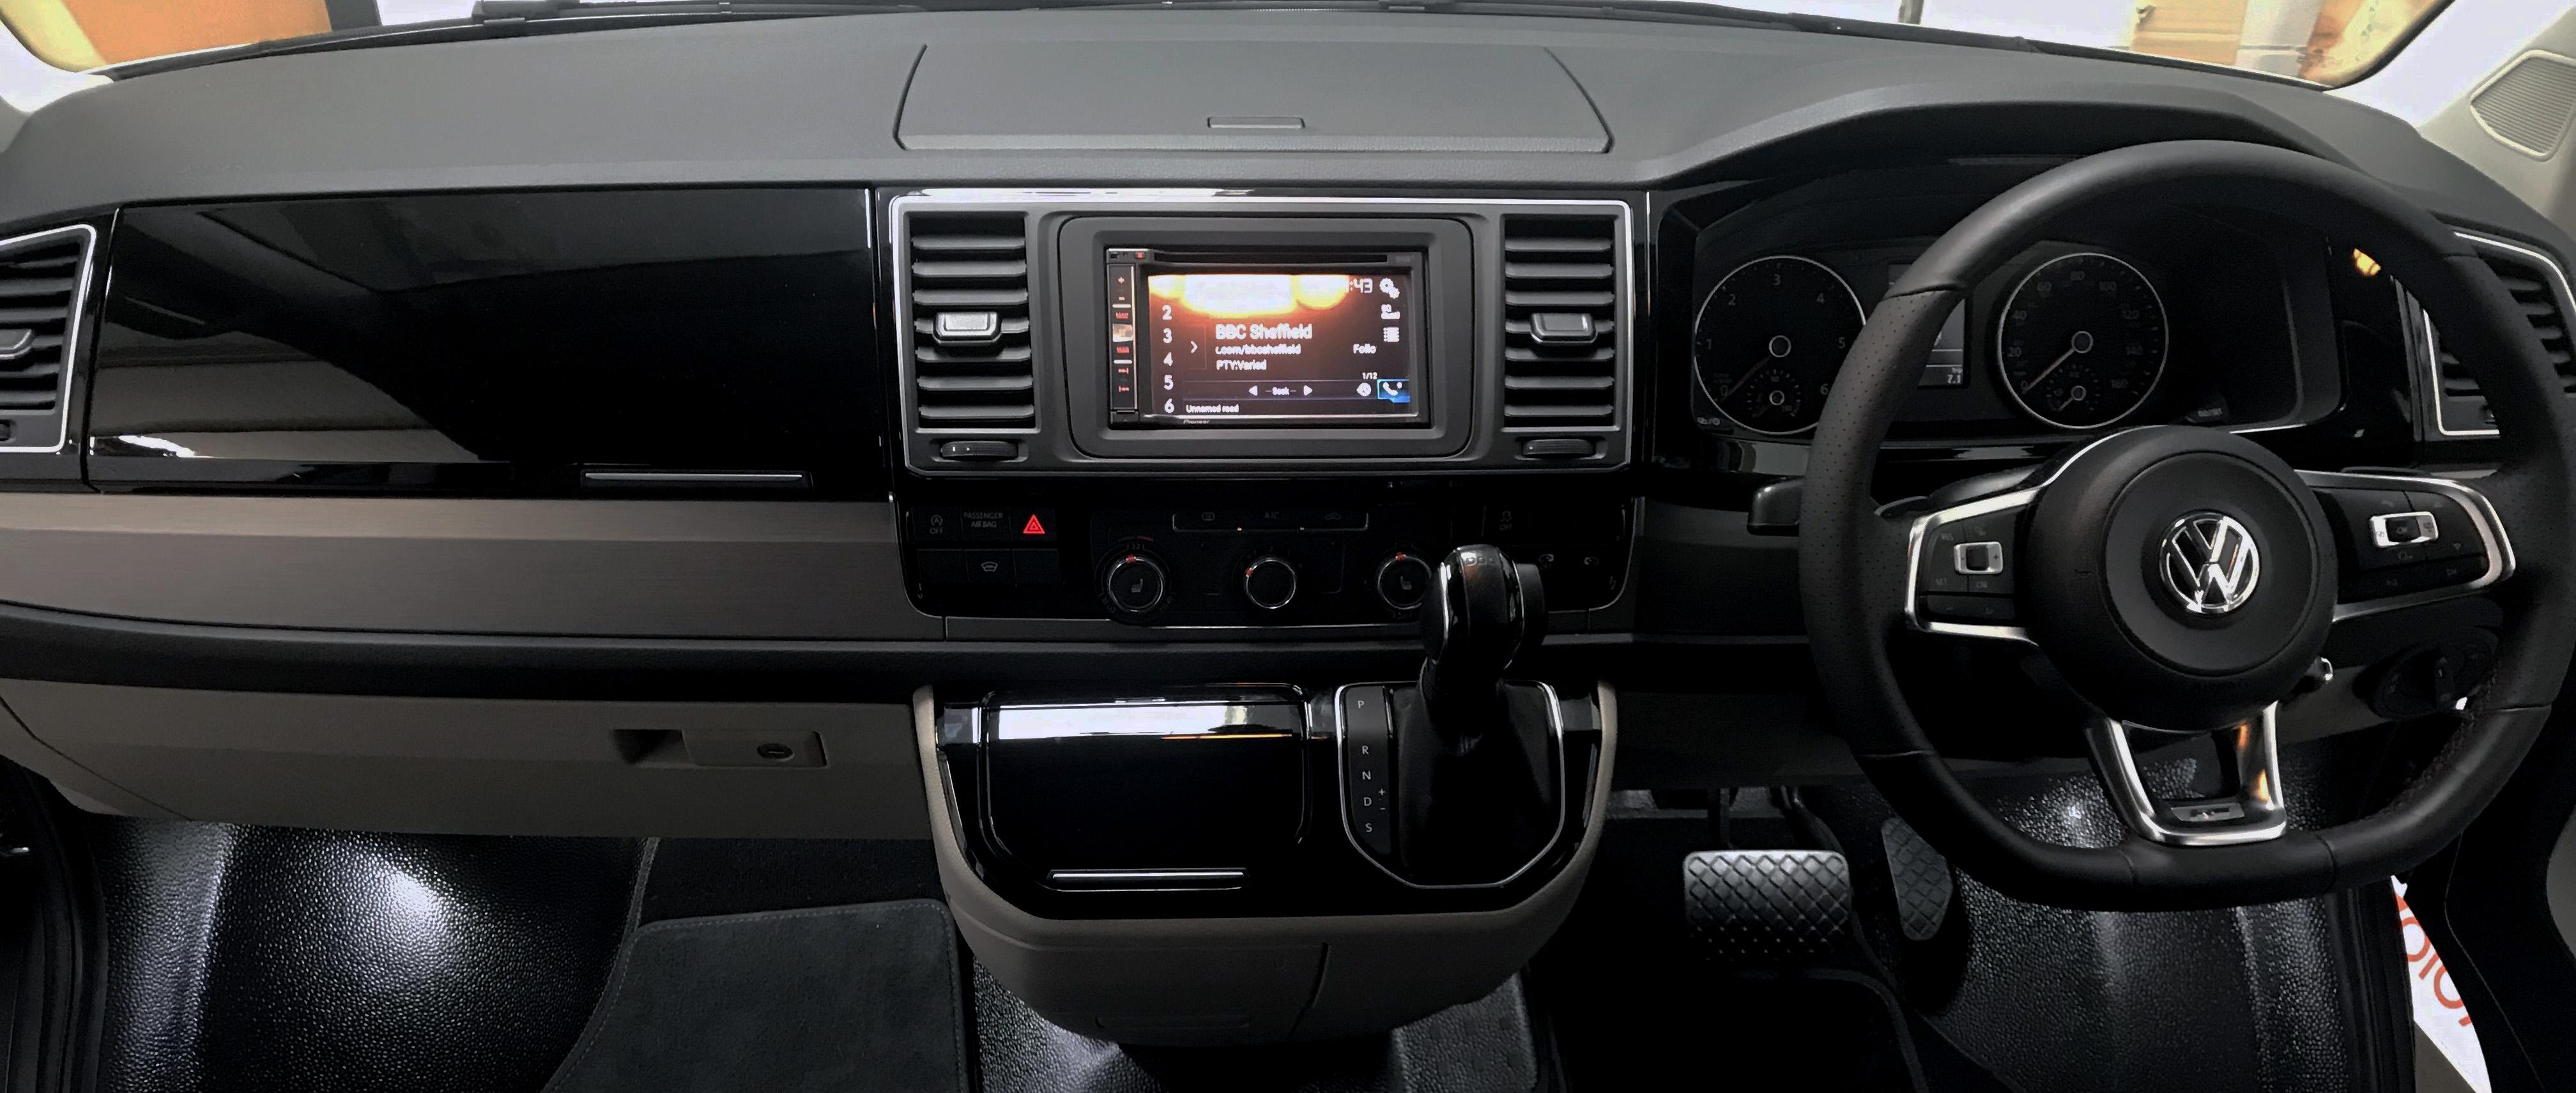 T6 Caravelle Comfort Dash Upgrad cut